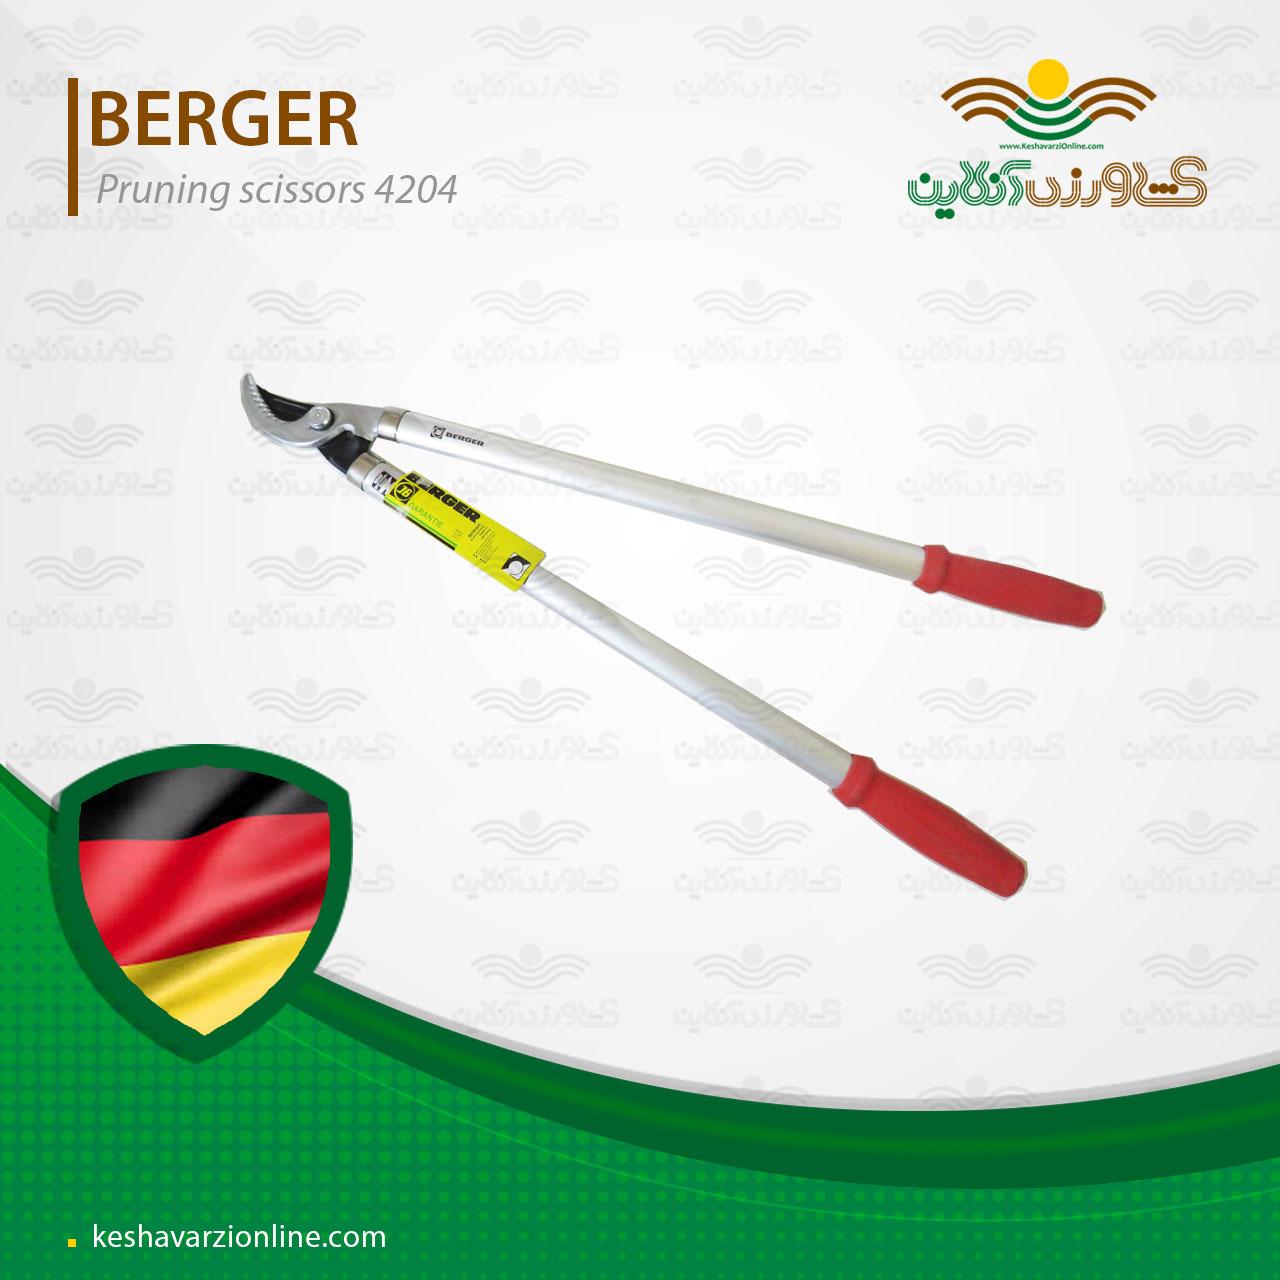 قیچی مدل برگر مخصوص شاخه زنی 4204